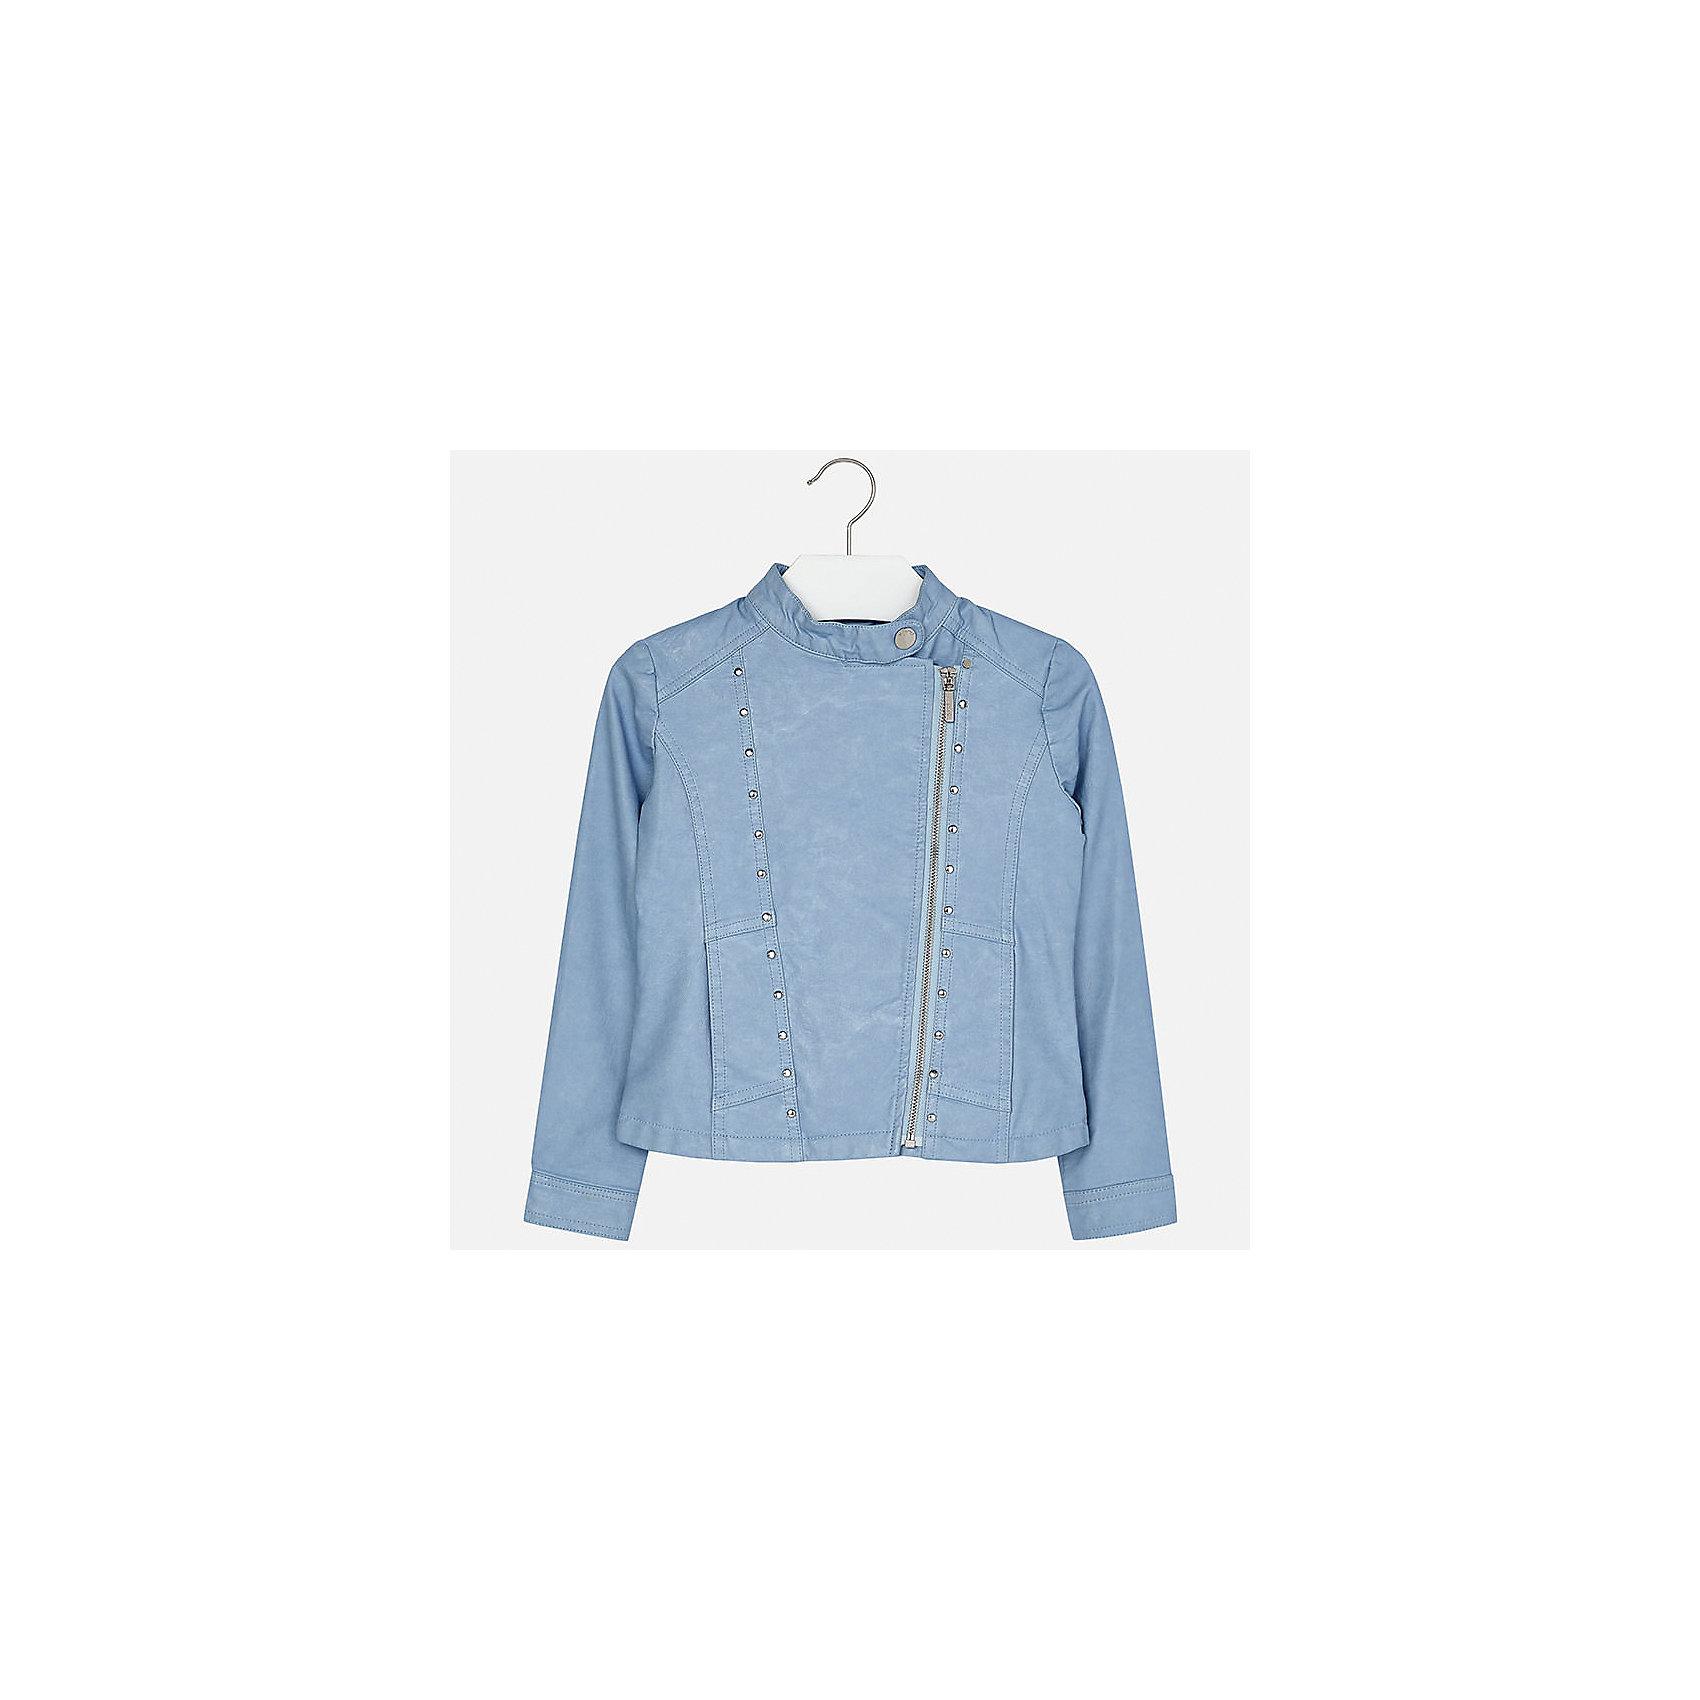 Куртка для девочки MayoralВерхняя одежда<br>Характеристики товара:<br><br>• цвет: голубой<br>• состав: 100% полиуретан, подкладка - 100% полиэстер<br>• косая молния<br>• карманы<br>• с длинными рукавами <br>• металлические элементы на планке<br>• страна бренда: Испания<br><br>Очень стильная куртка для девочки поможет разнообразить гардероб ребенка и украсить наряд. Он отлично сочетается и с юбками, и с брюками. Универсальный цвет позволяет подобрать к вещи низ различных расцветок. Интересная отделка модели делает её нарядной и оригинальной.<br><br>Одежда, обувь и аксессуары от испанского бренда Mayoral полюбились детям и взрослым по всему миру. Модели этой марки - стильные и удобные. Для их производства используются только безопасные, качественные материалы и фурнитура. Порадуйте ребенка модными и красивыми вещами от Mayoral! <br><br>Куртку для девочки от испанского бренда Mayoral (Майорал) можно купить в нашем интернет-магазине.<br><br>Ширина мм: 356<br>Глубина мм: 10<br>Высота мм: 245<br>Вес г: 519<br>Цвет: голубой<br>Возраст от месяцев: 84<br>Возраст до месяцев: 96<br>Пол: Женский<br>Возраст: Детский<br>Размер: 128/134,170,140,152,158,164<br>SKU: 5292856